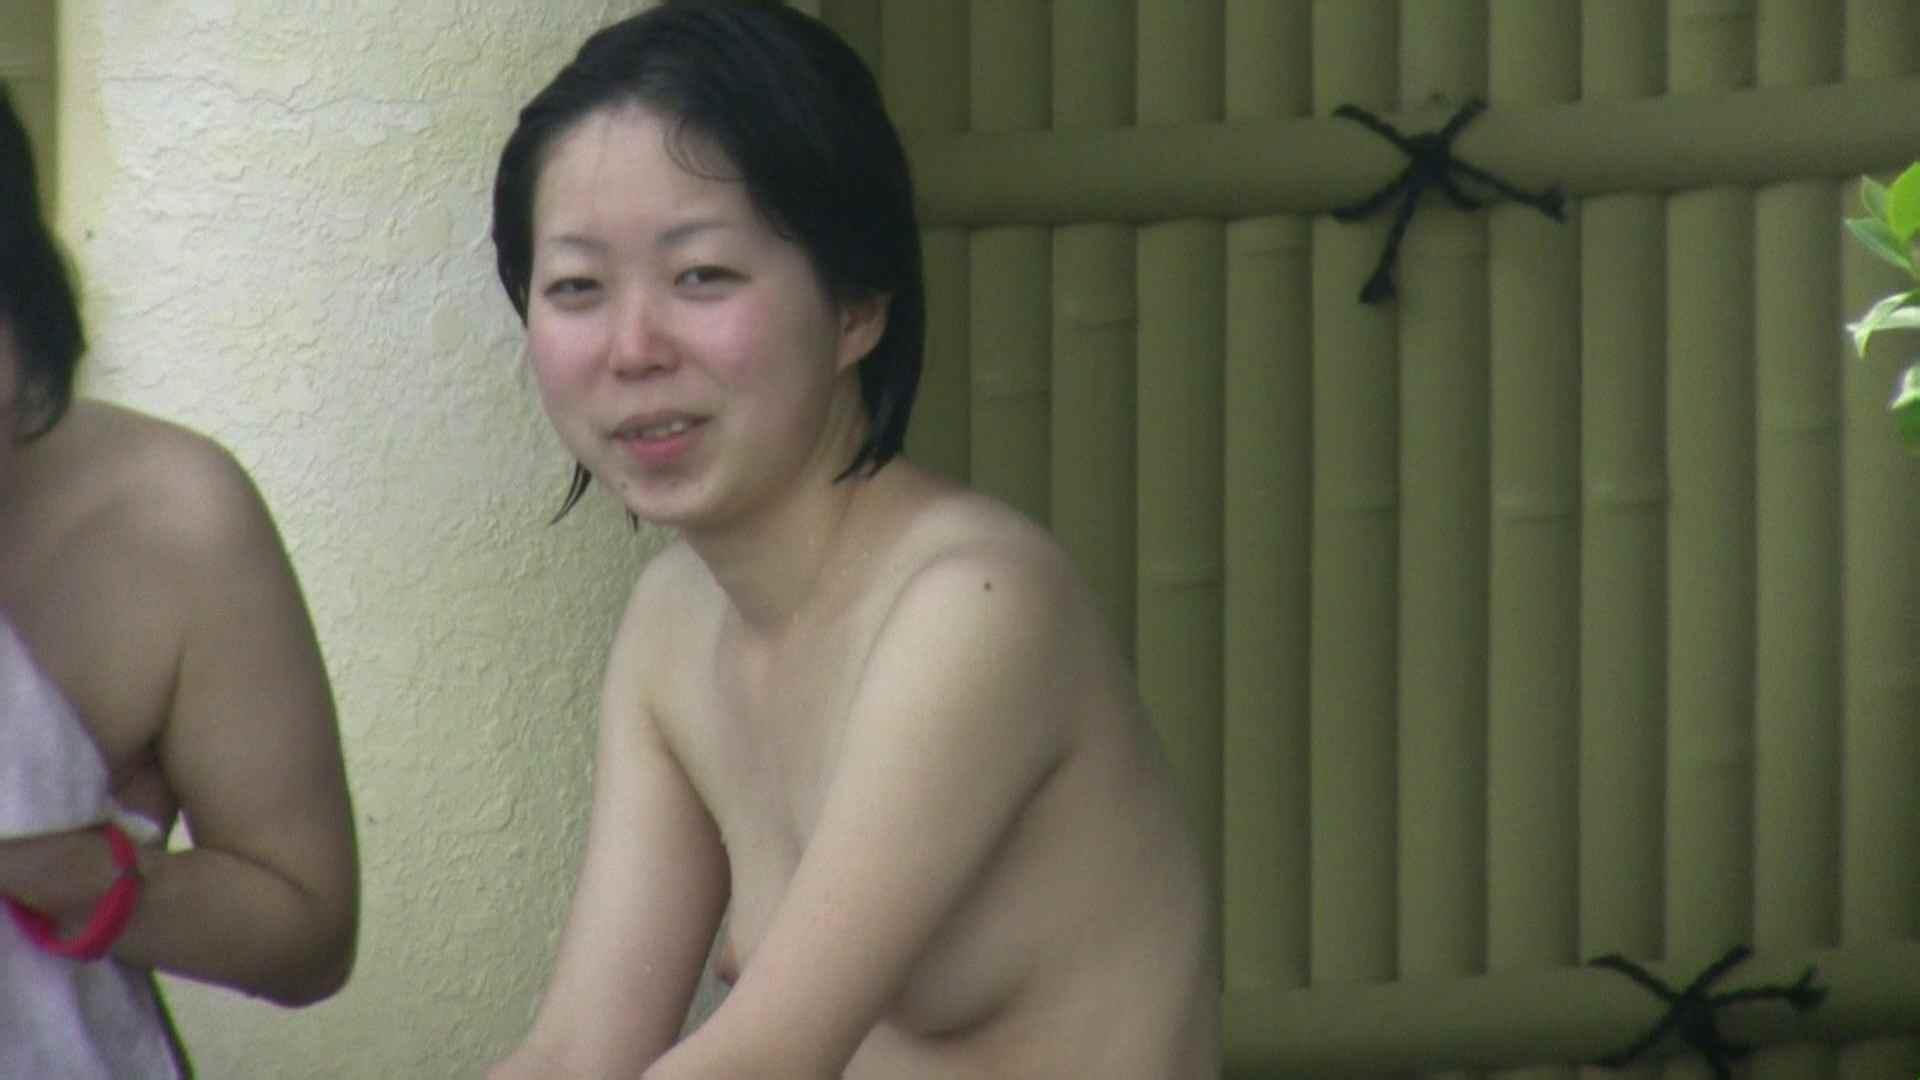 Aquaな露天風呂Vol.06【VIP】 OLセックス のぞきおめこ無修正画像 83画像 74